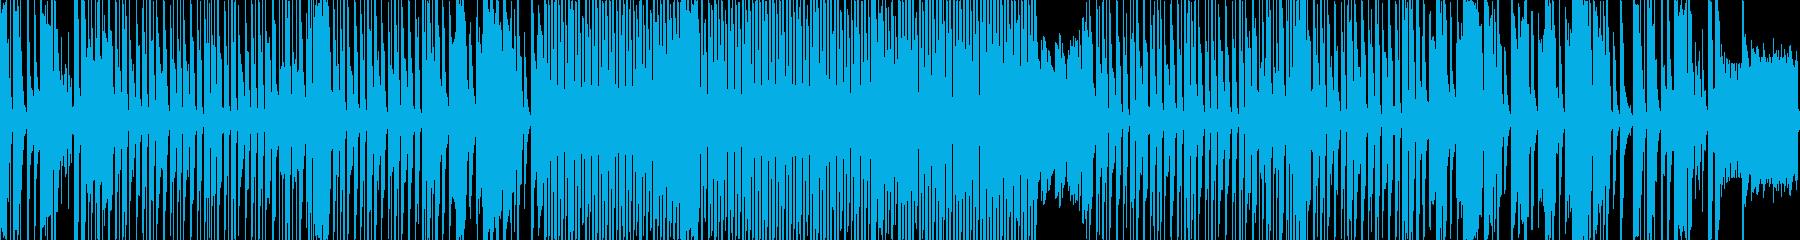 ラデツキー行進曲/ポップアレンジの再生済みの波形